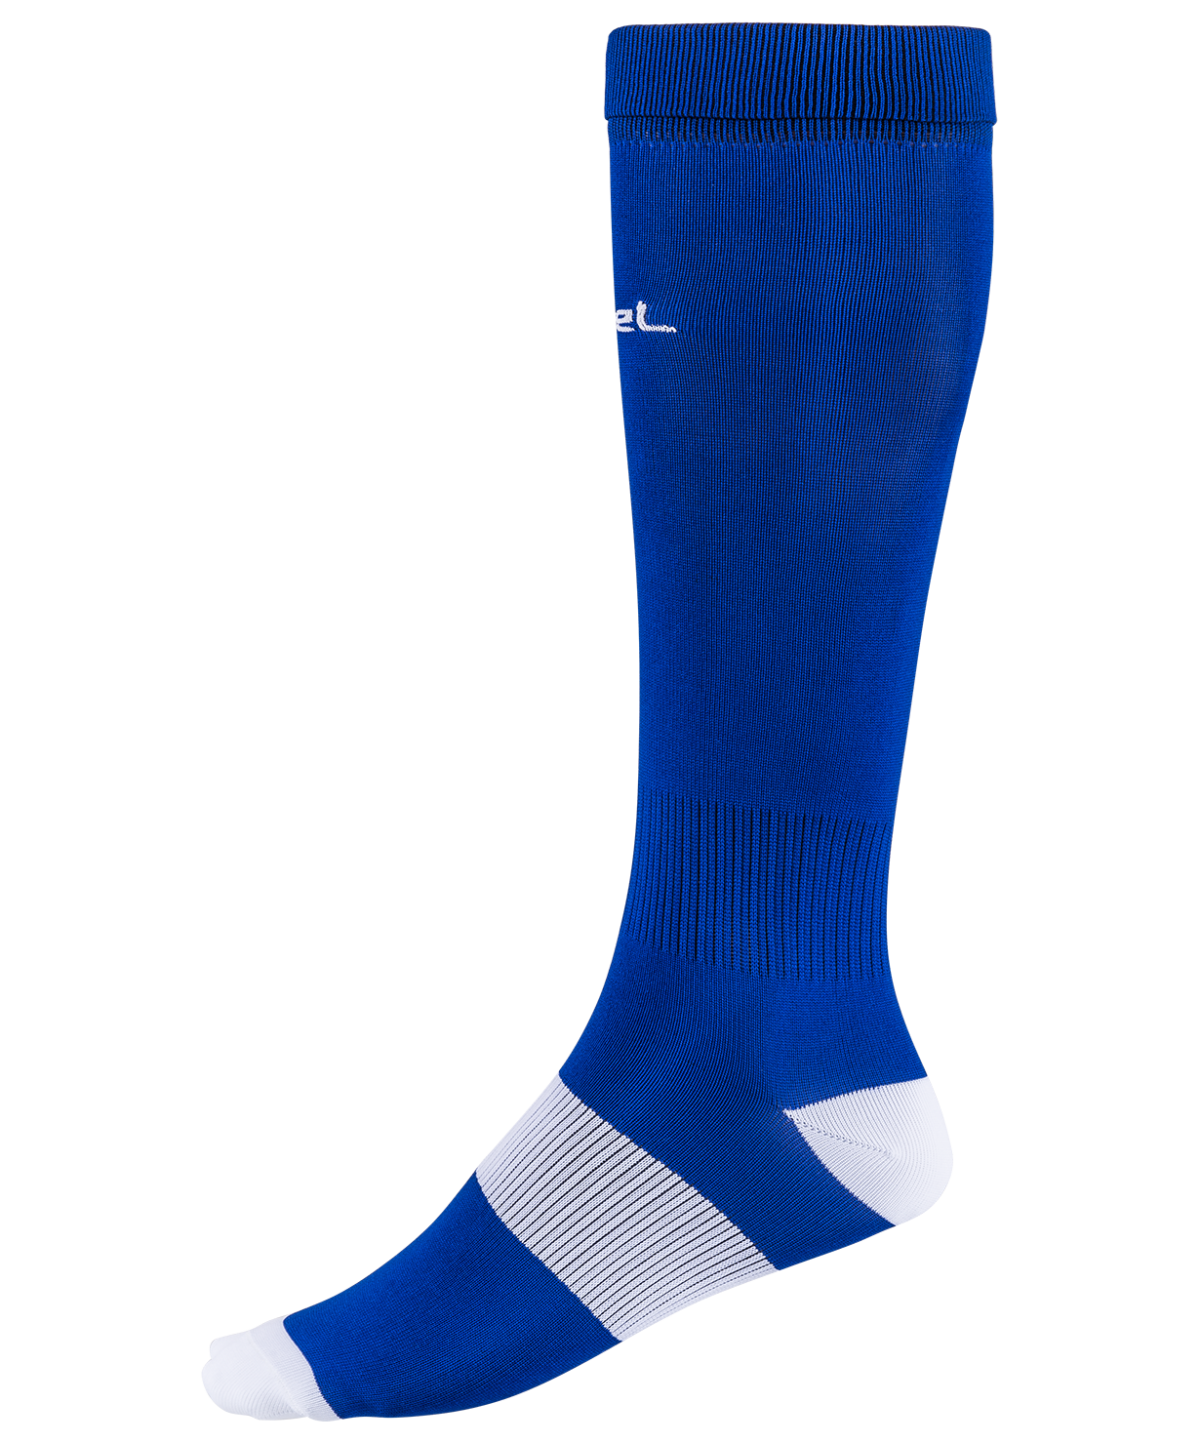 JOGEL Гетры футбольные, синий/белый  JA-001 - 1